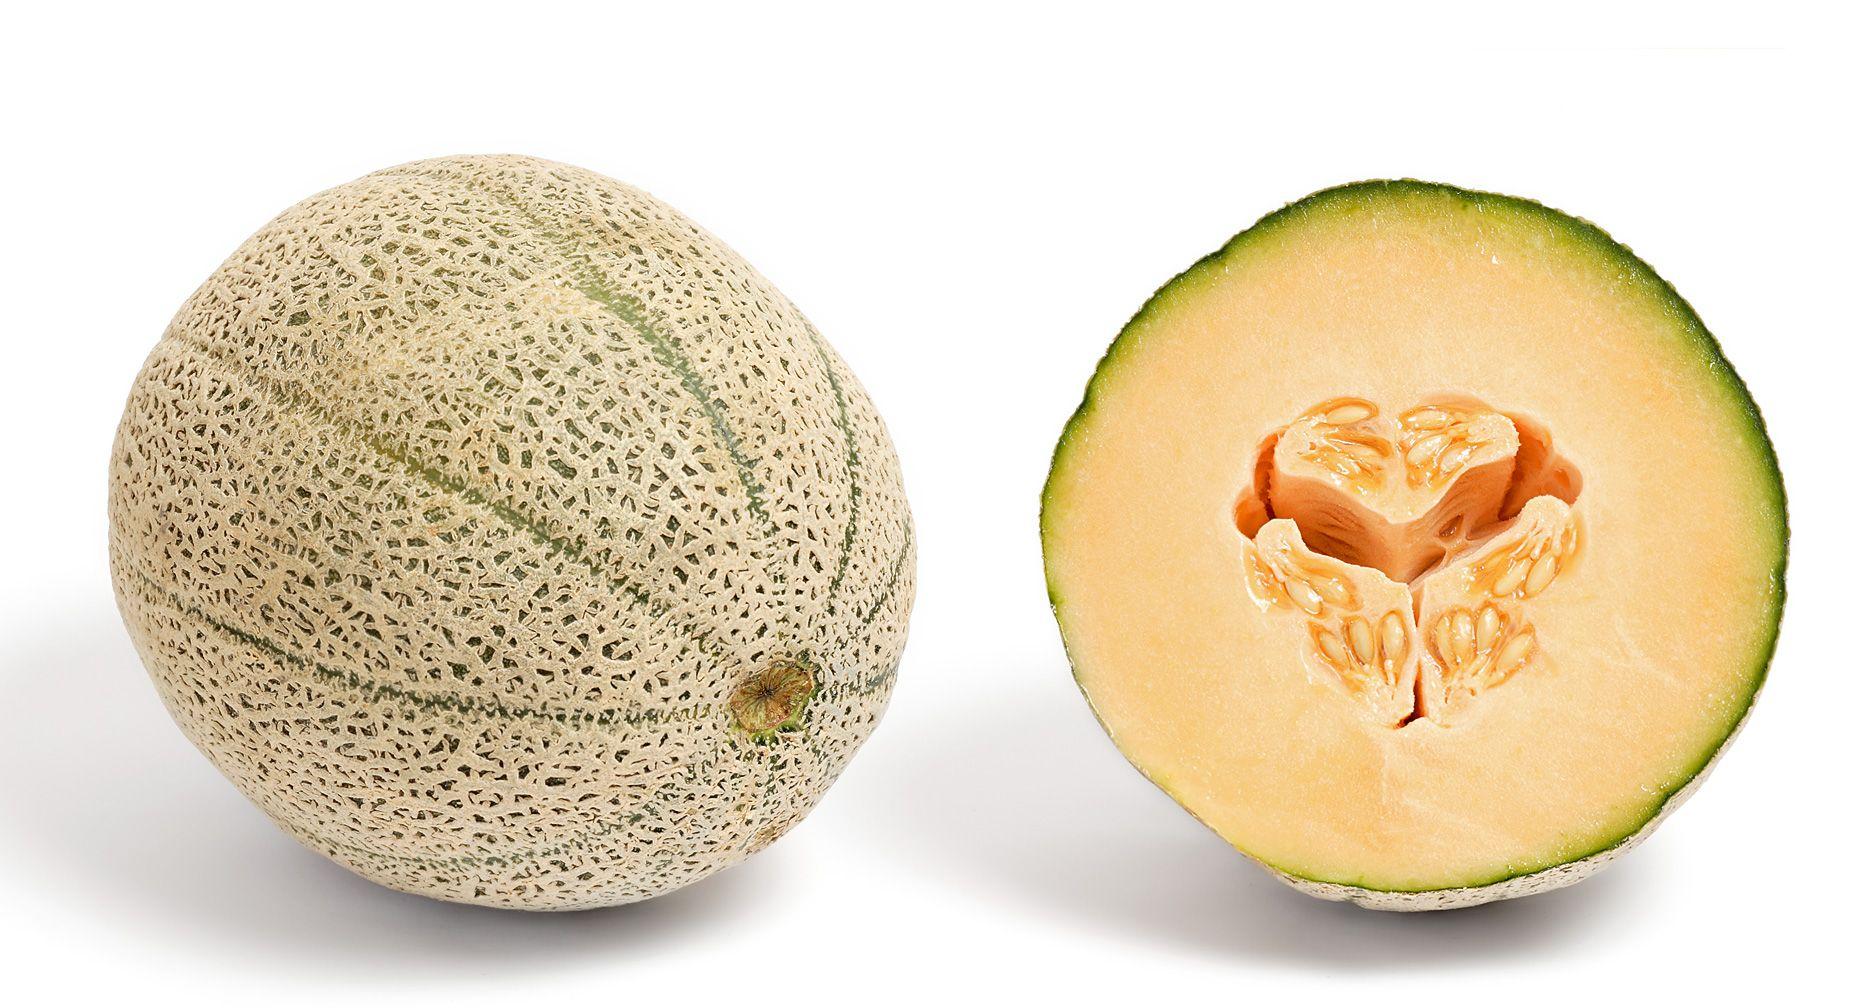 Come riconoscere un melone buono da uno acerbo